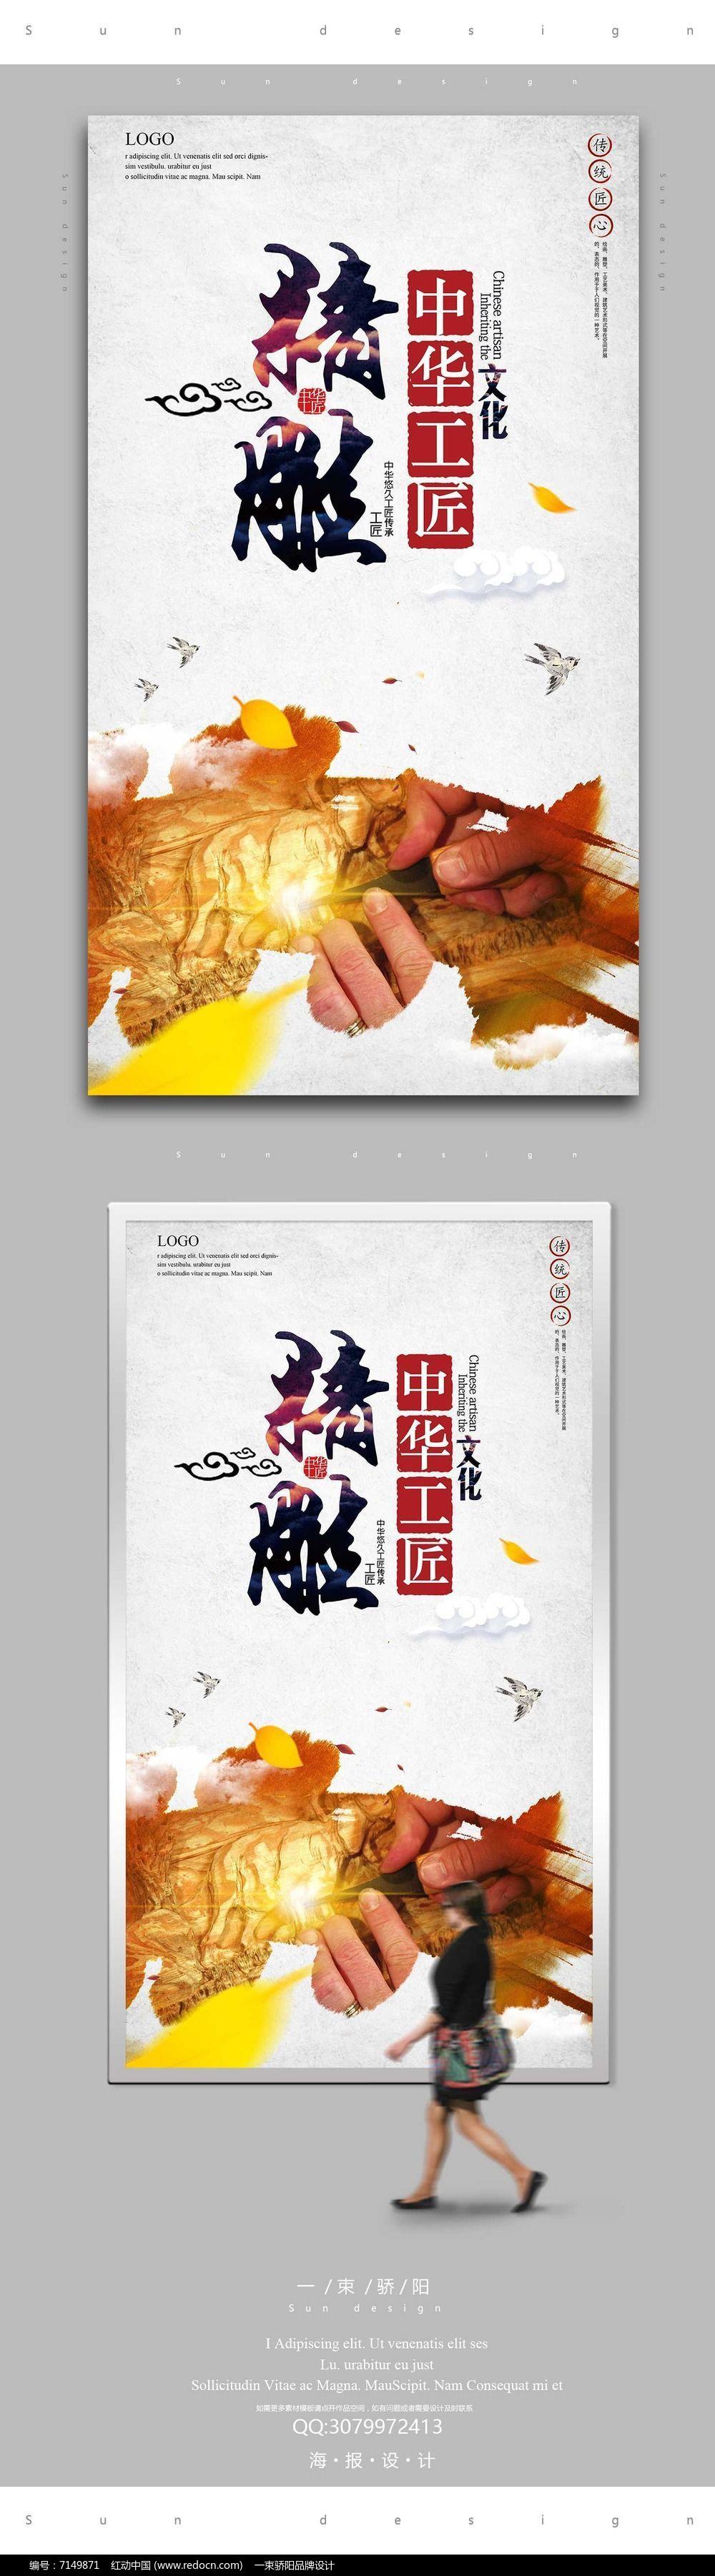 简约工匠精神宣传海报设计图片